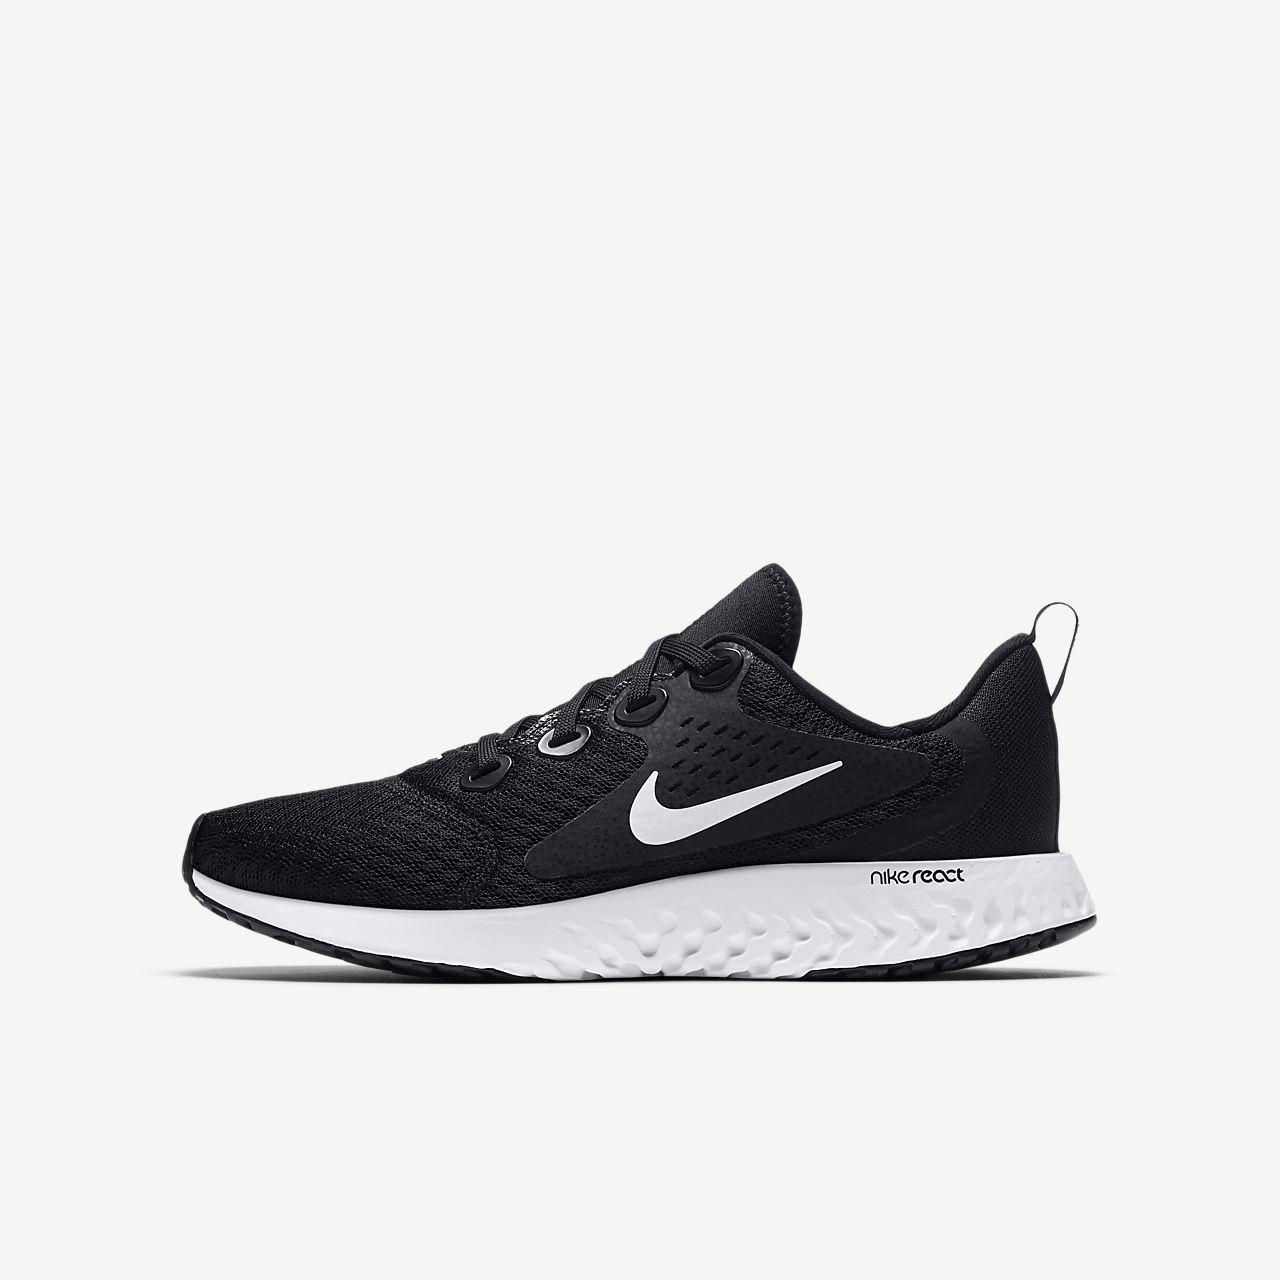 5faffa925a4 Nike Legend React Big Kids  Running Shoe. Nike.com